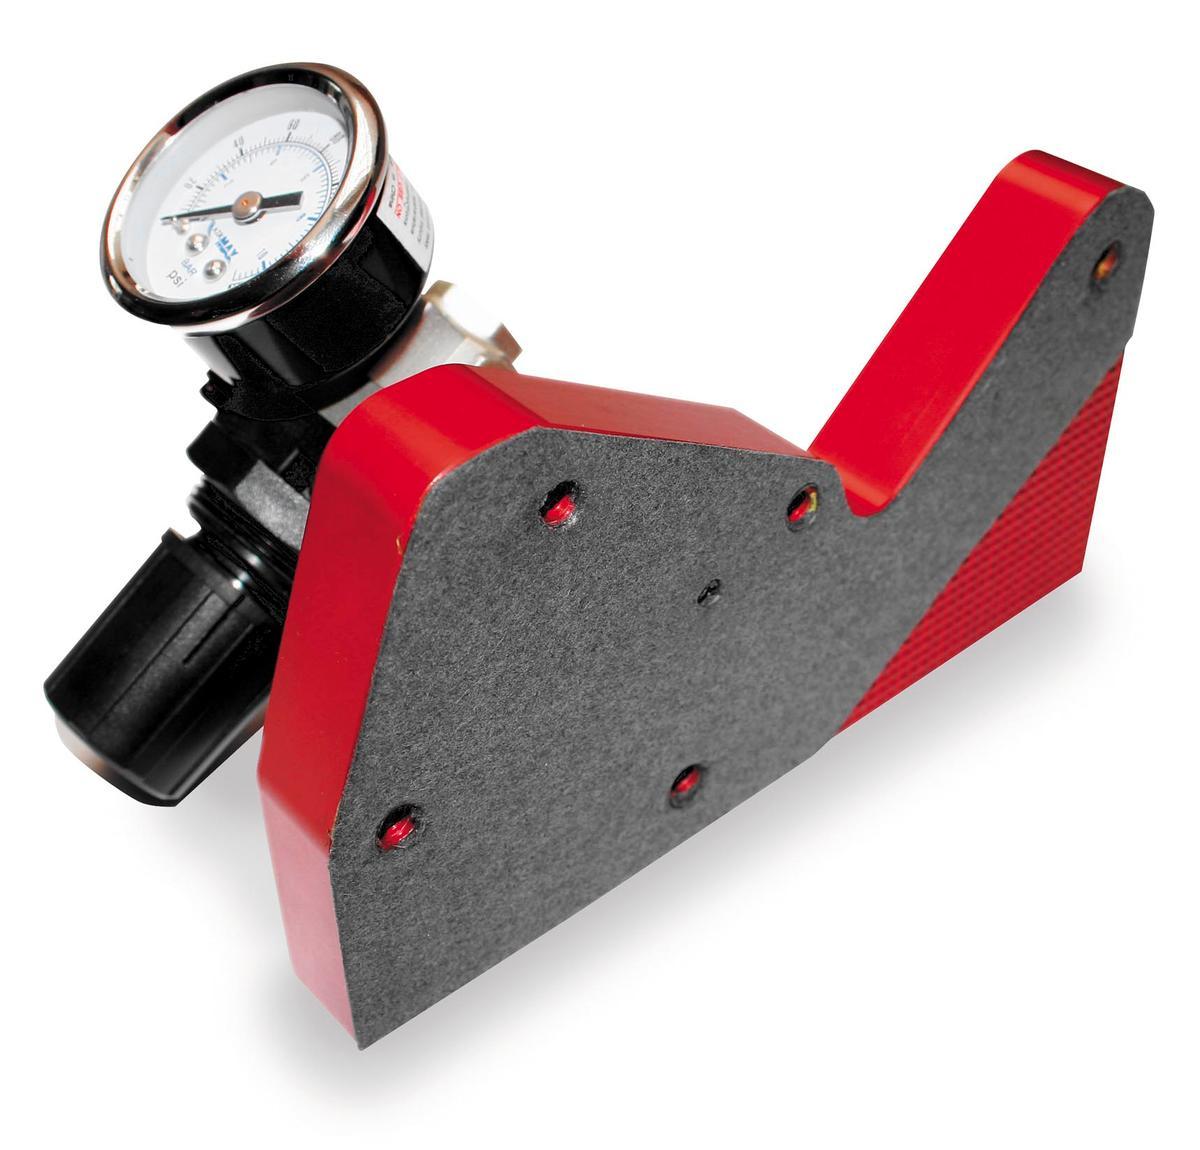 Feuling Pressure Relief Pressure Test Tool - 9010